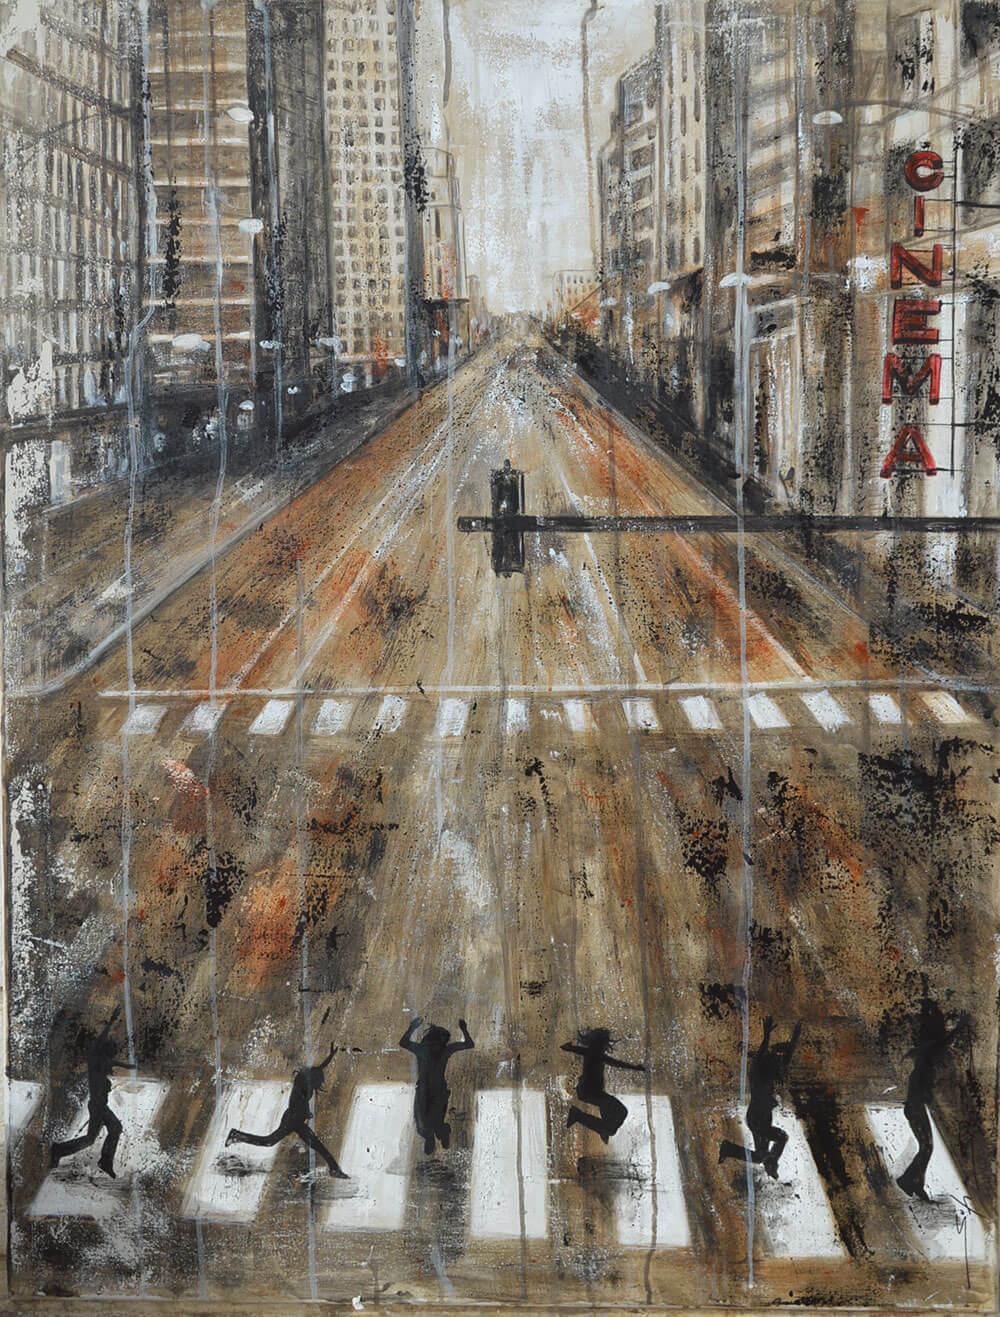 street-shadows-Acrilico-sobre-Tela-116x98cm-fia-sofia-simoes-pintora-pintura